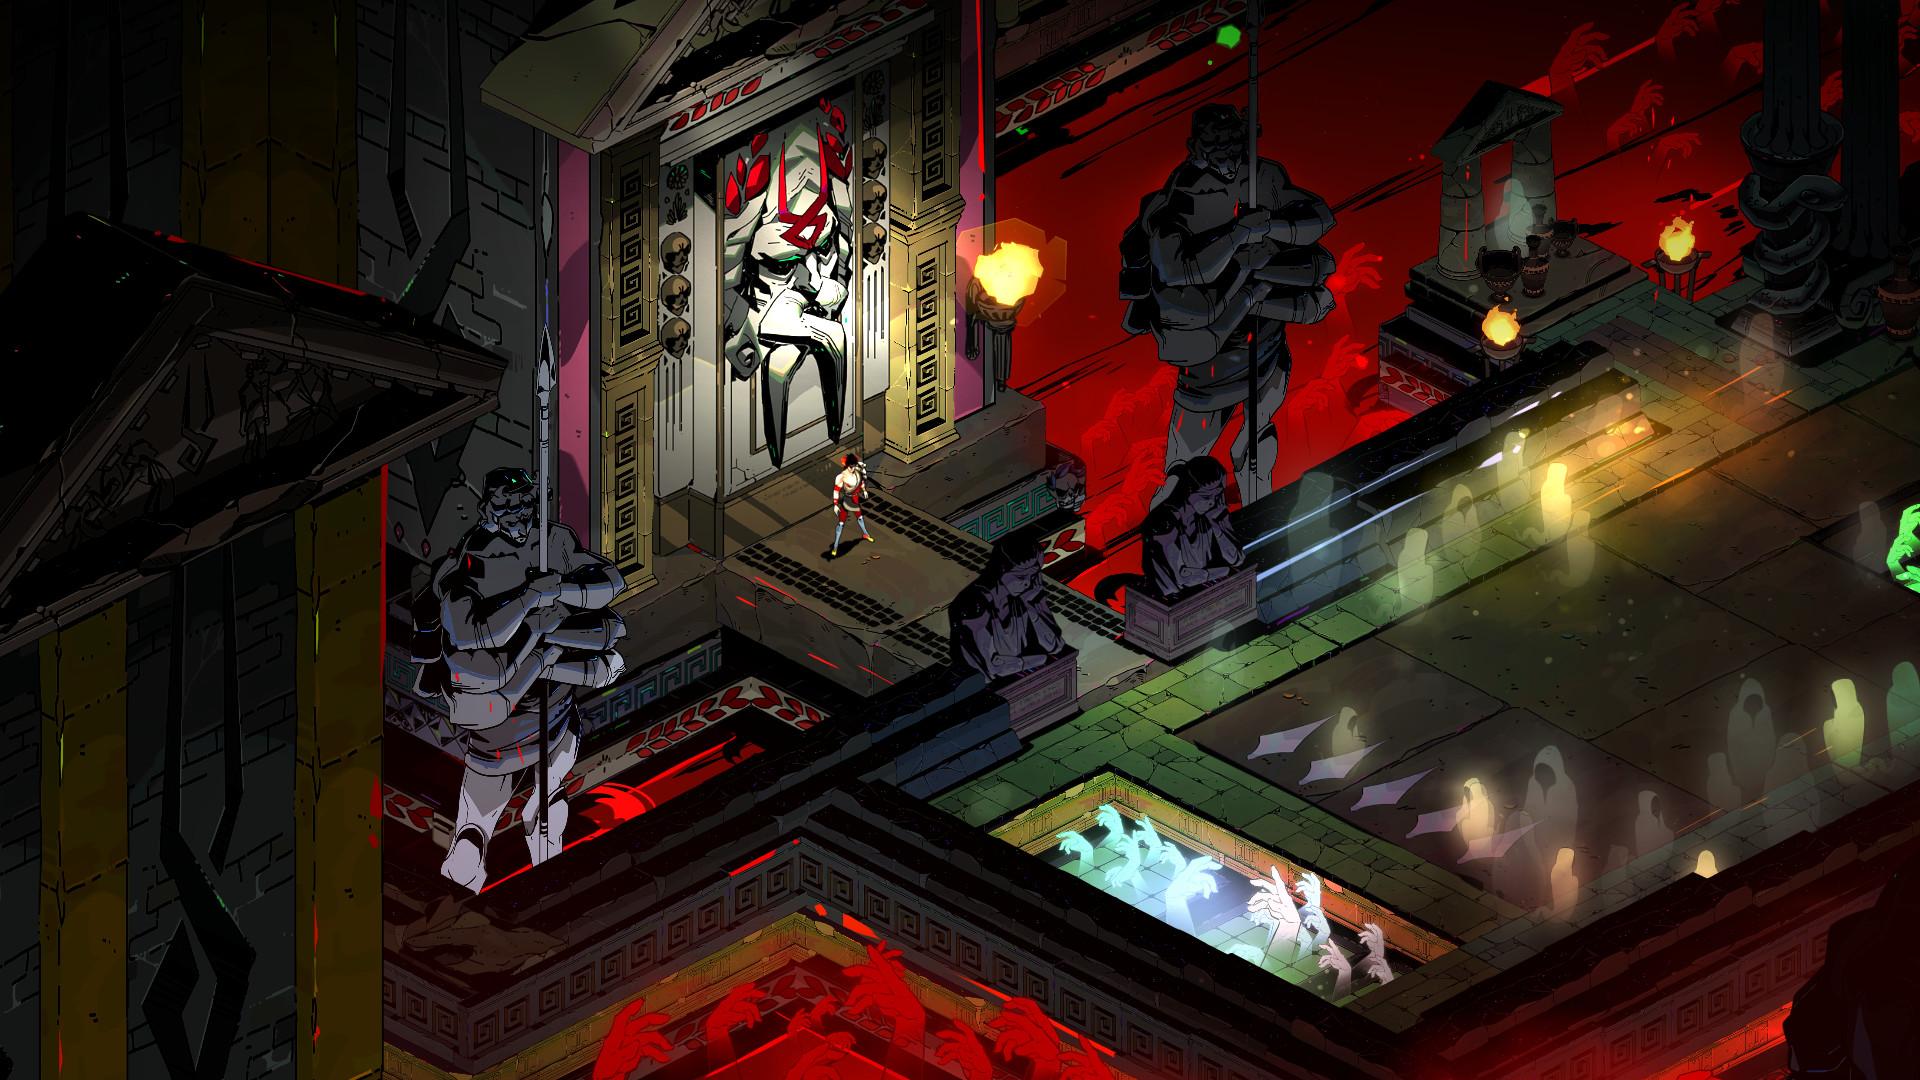 哈迪斯:杀出地狱/哈迪斯地狱之战/黑帝斯 新版v1.37133/Hades: Battle Out of Hell(更新v1.37133)插图2